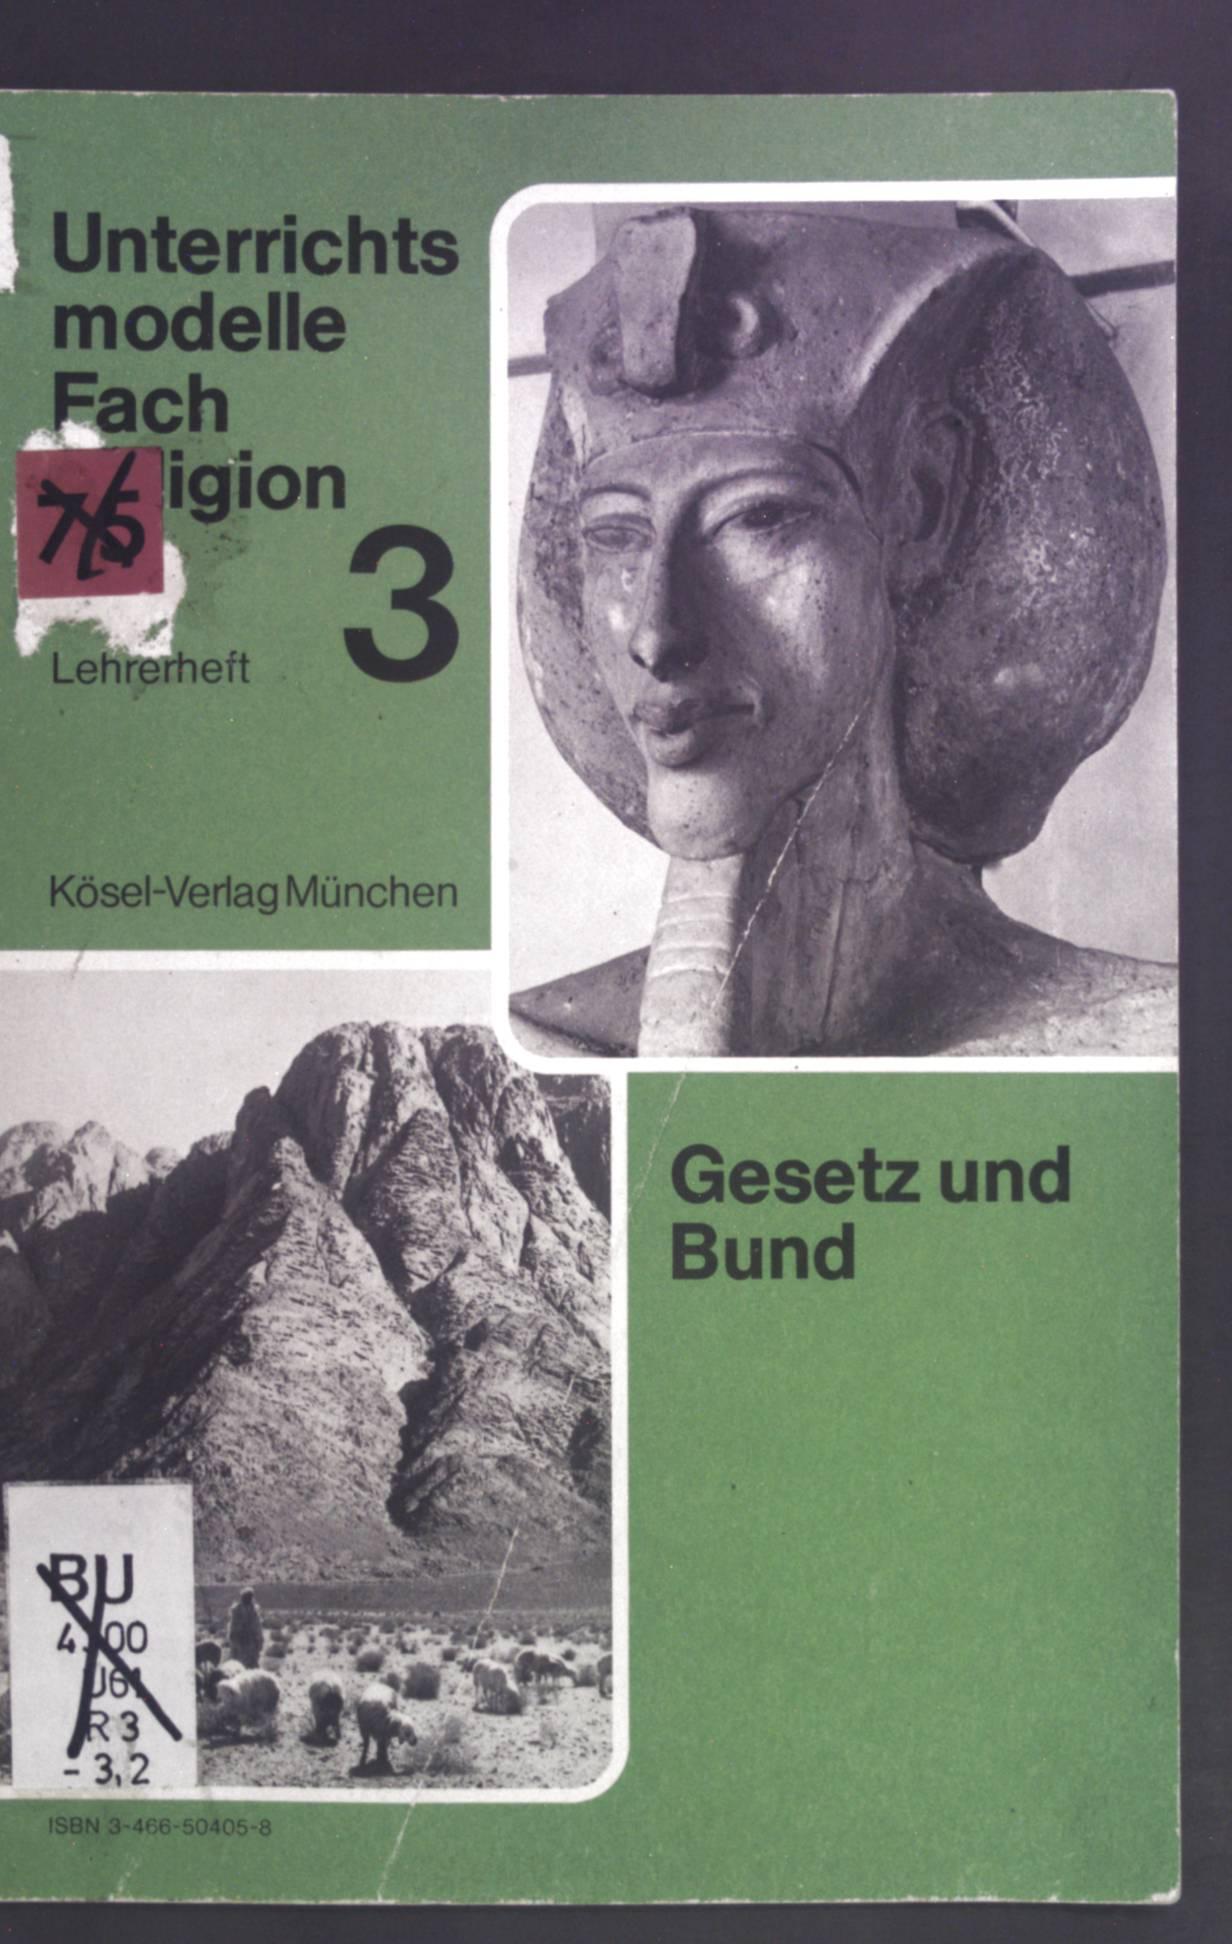 Gesetz und Bund. Unterrichtsmodelle Fach Religion 3. Lehrerheft Sekundarstufe 1 (5./6. Schuljahr) - Plöger, Elmar